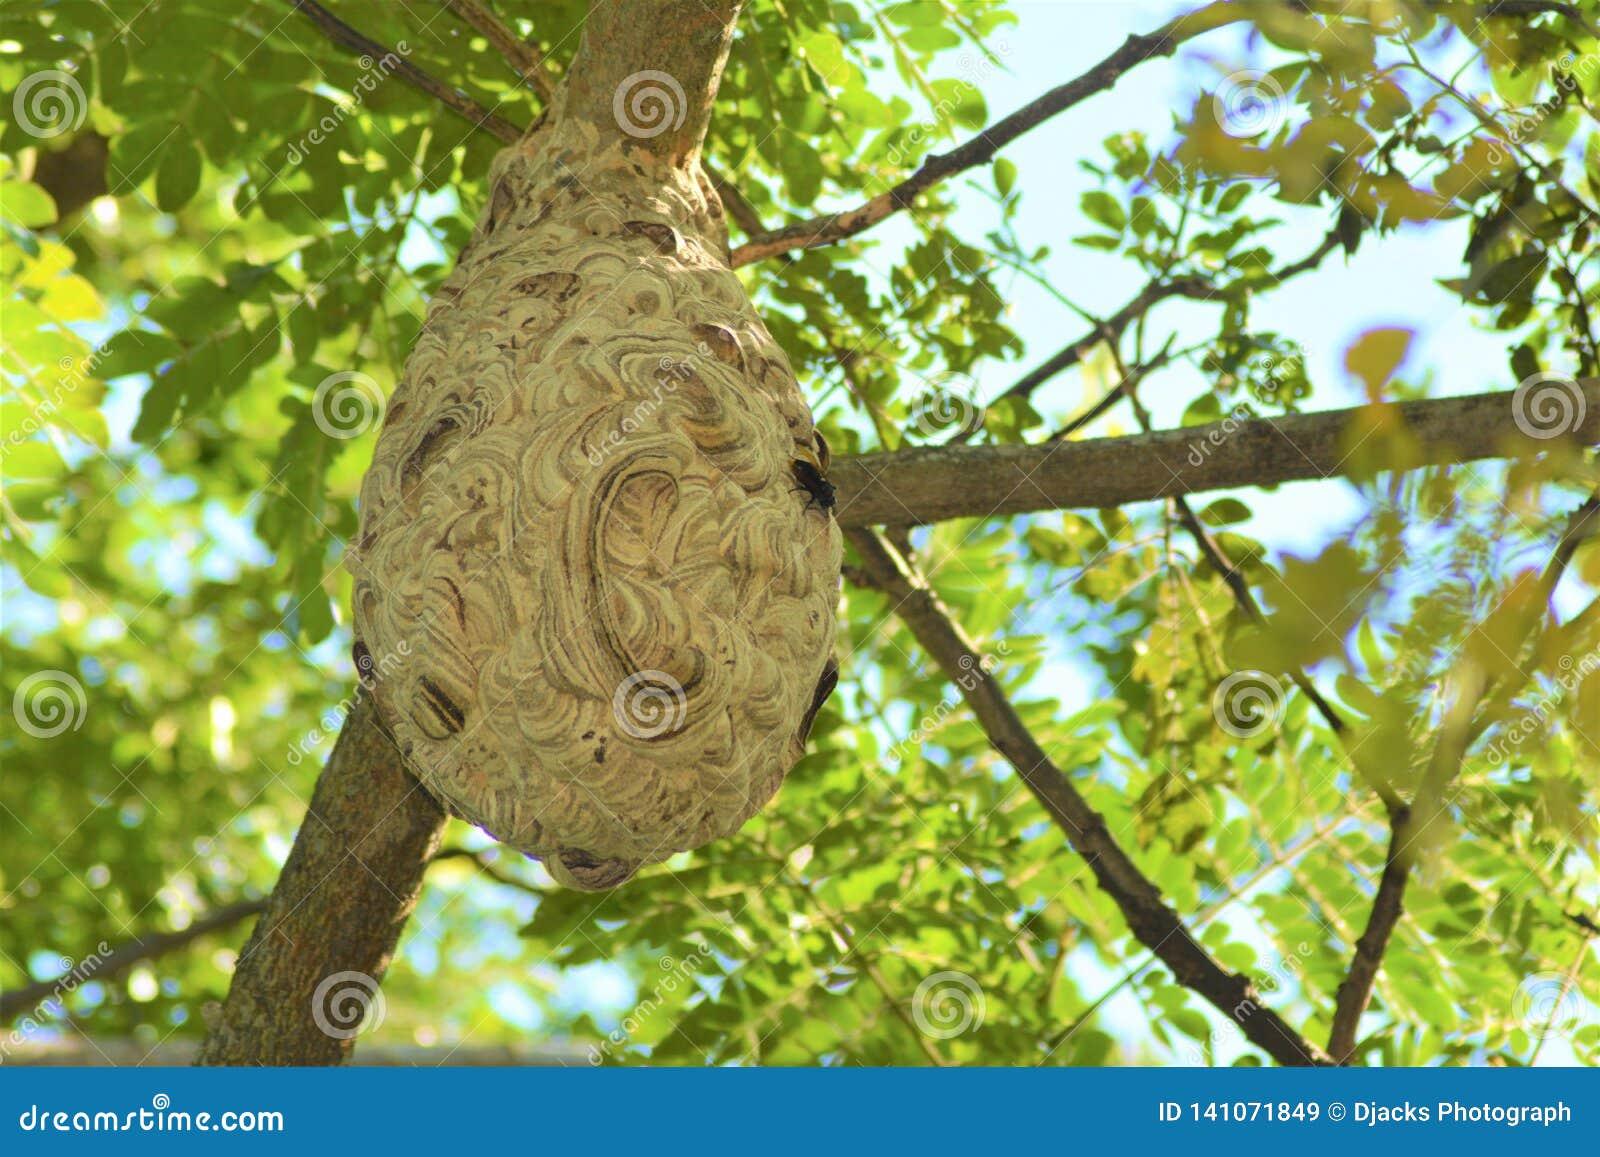 Le nid d une guêpe a été claqué par un arbre pendant le matin